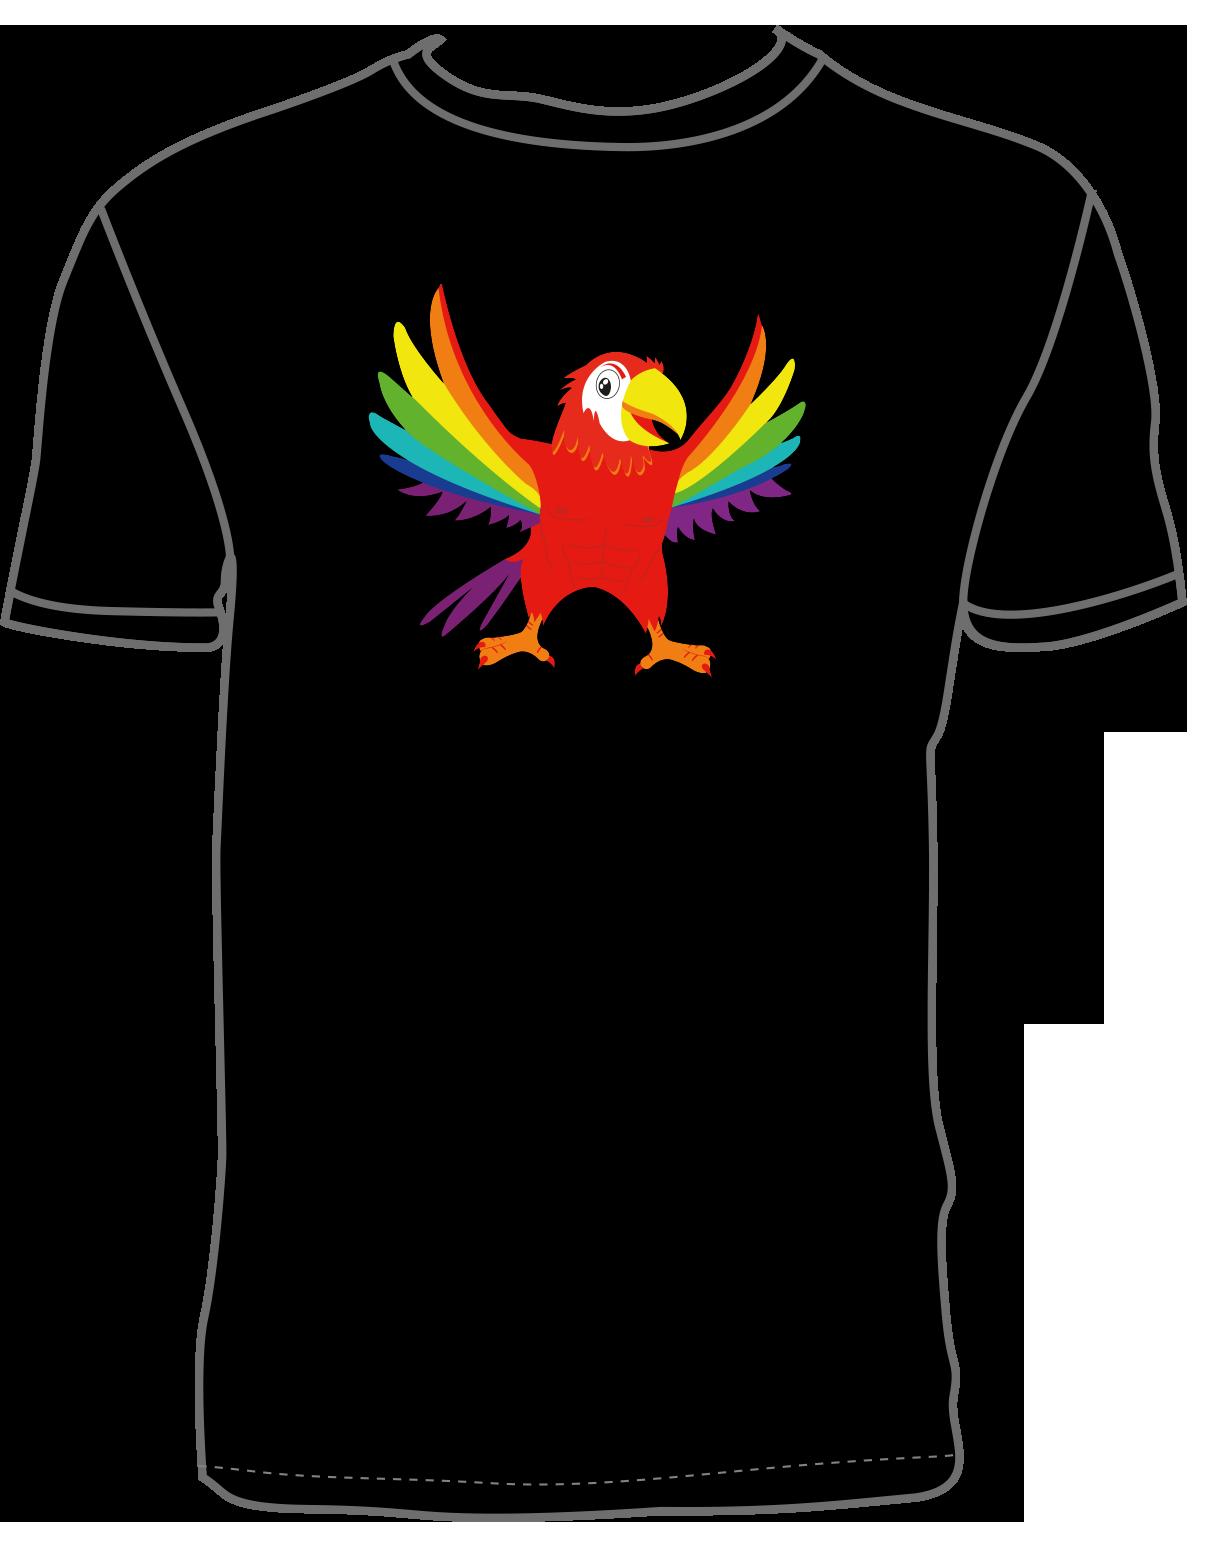 Coco Loco Coco T-shirt